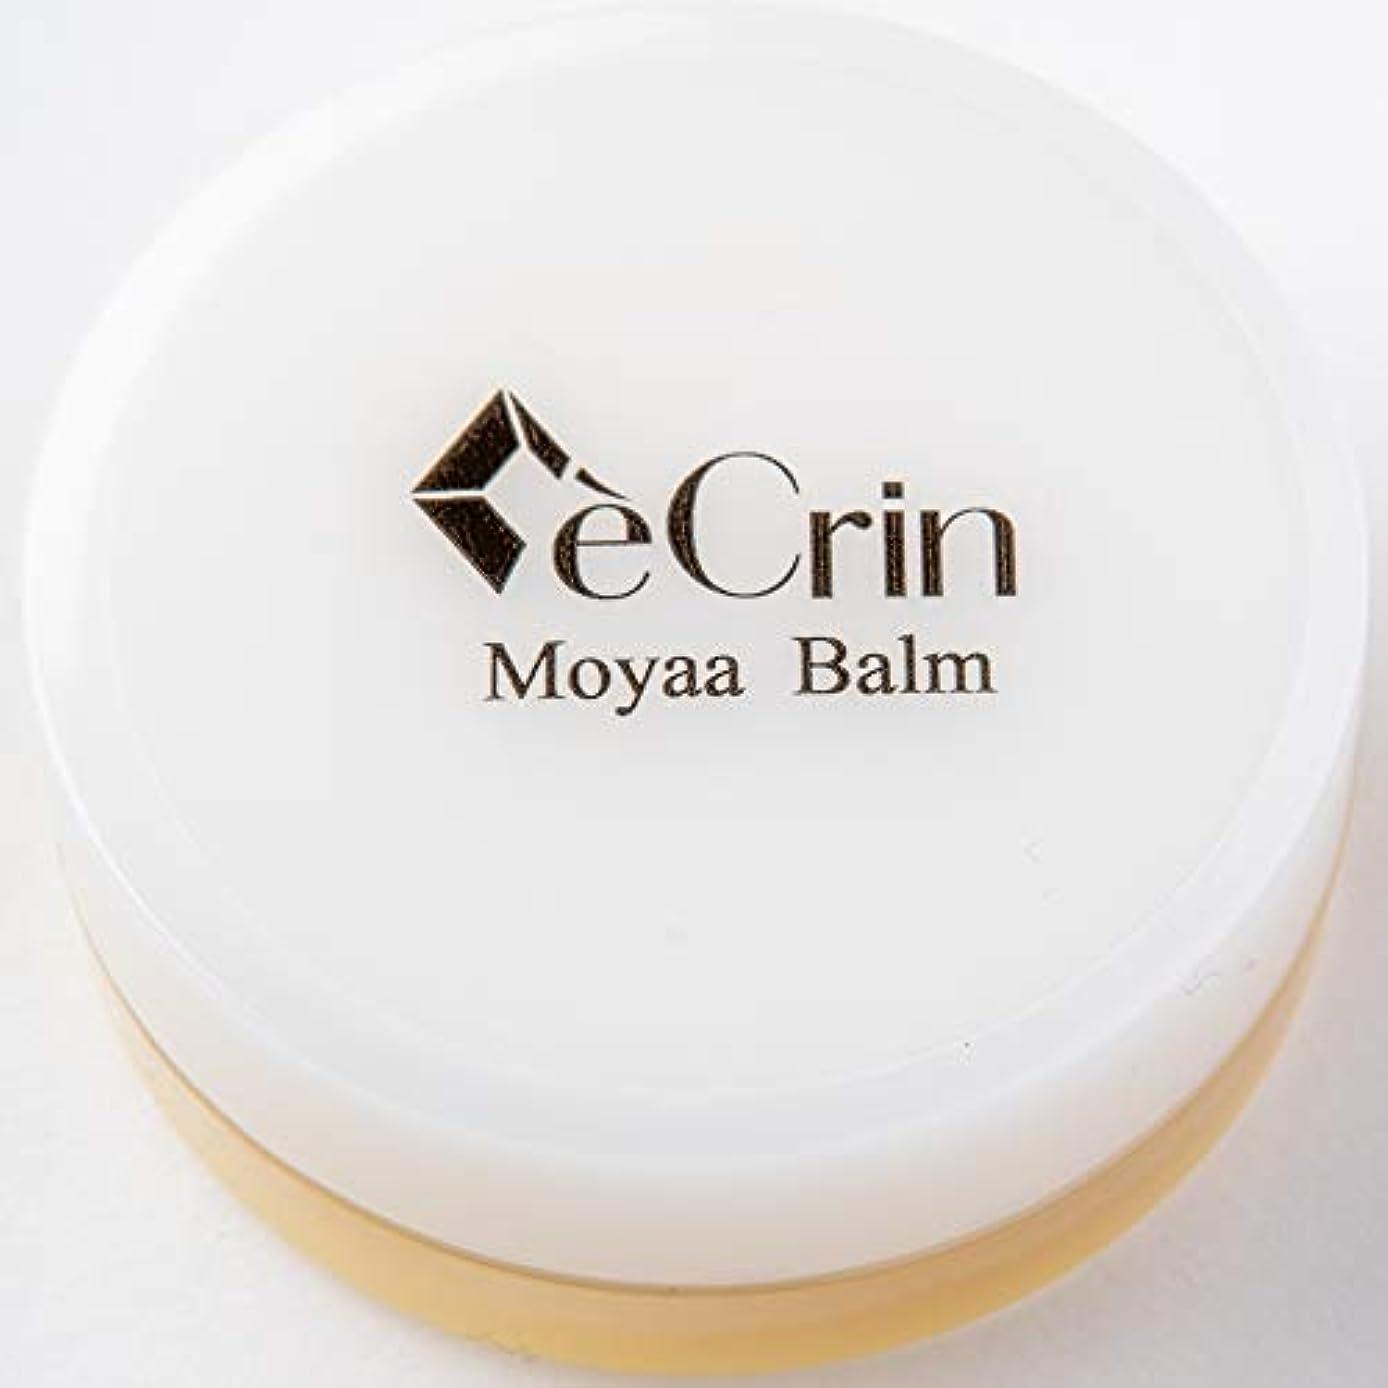 通り抜ける入場料マオリMoyaa Balm (モーヤバーム)天然成分のみで仕上げたシアバター white 無添加 天然成分100%